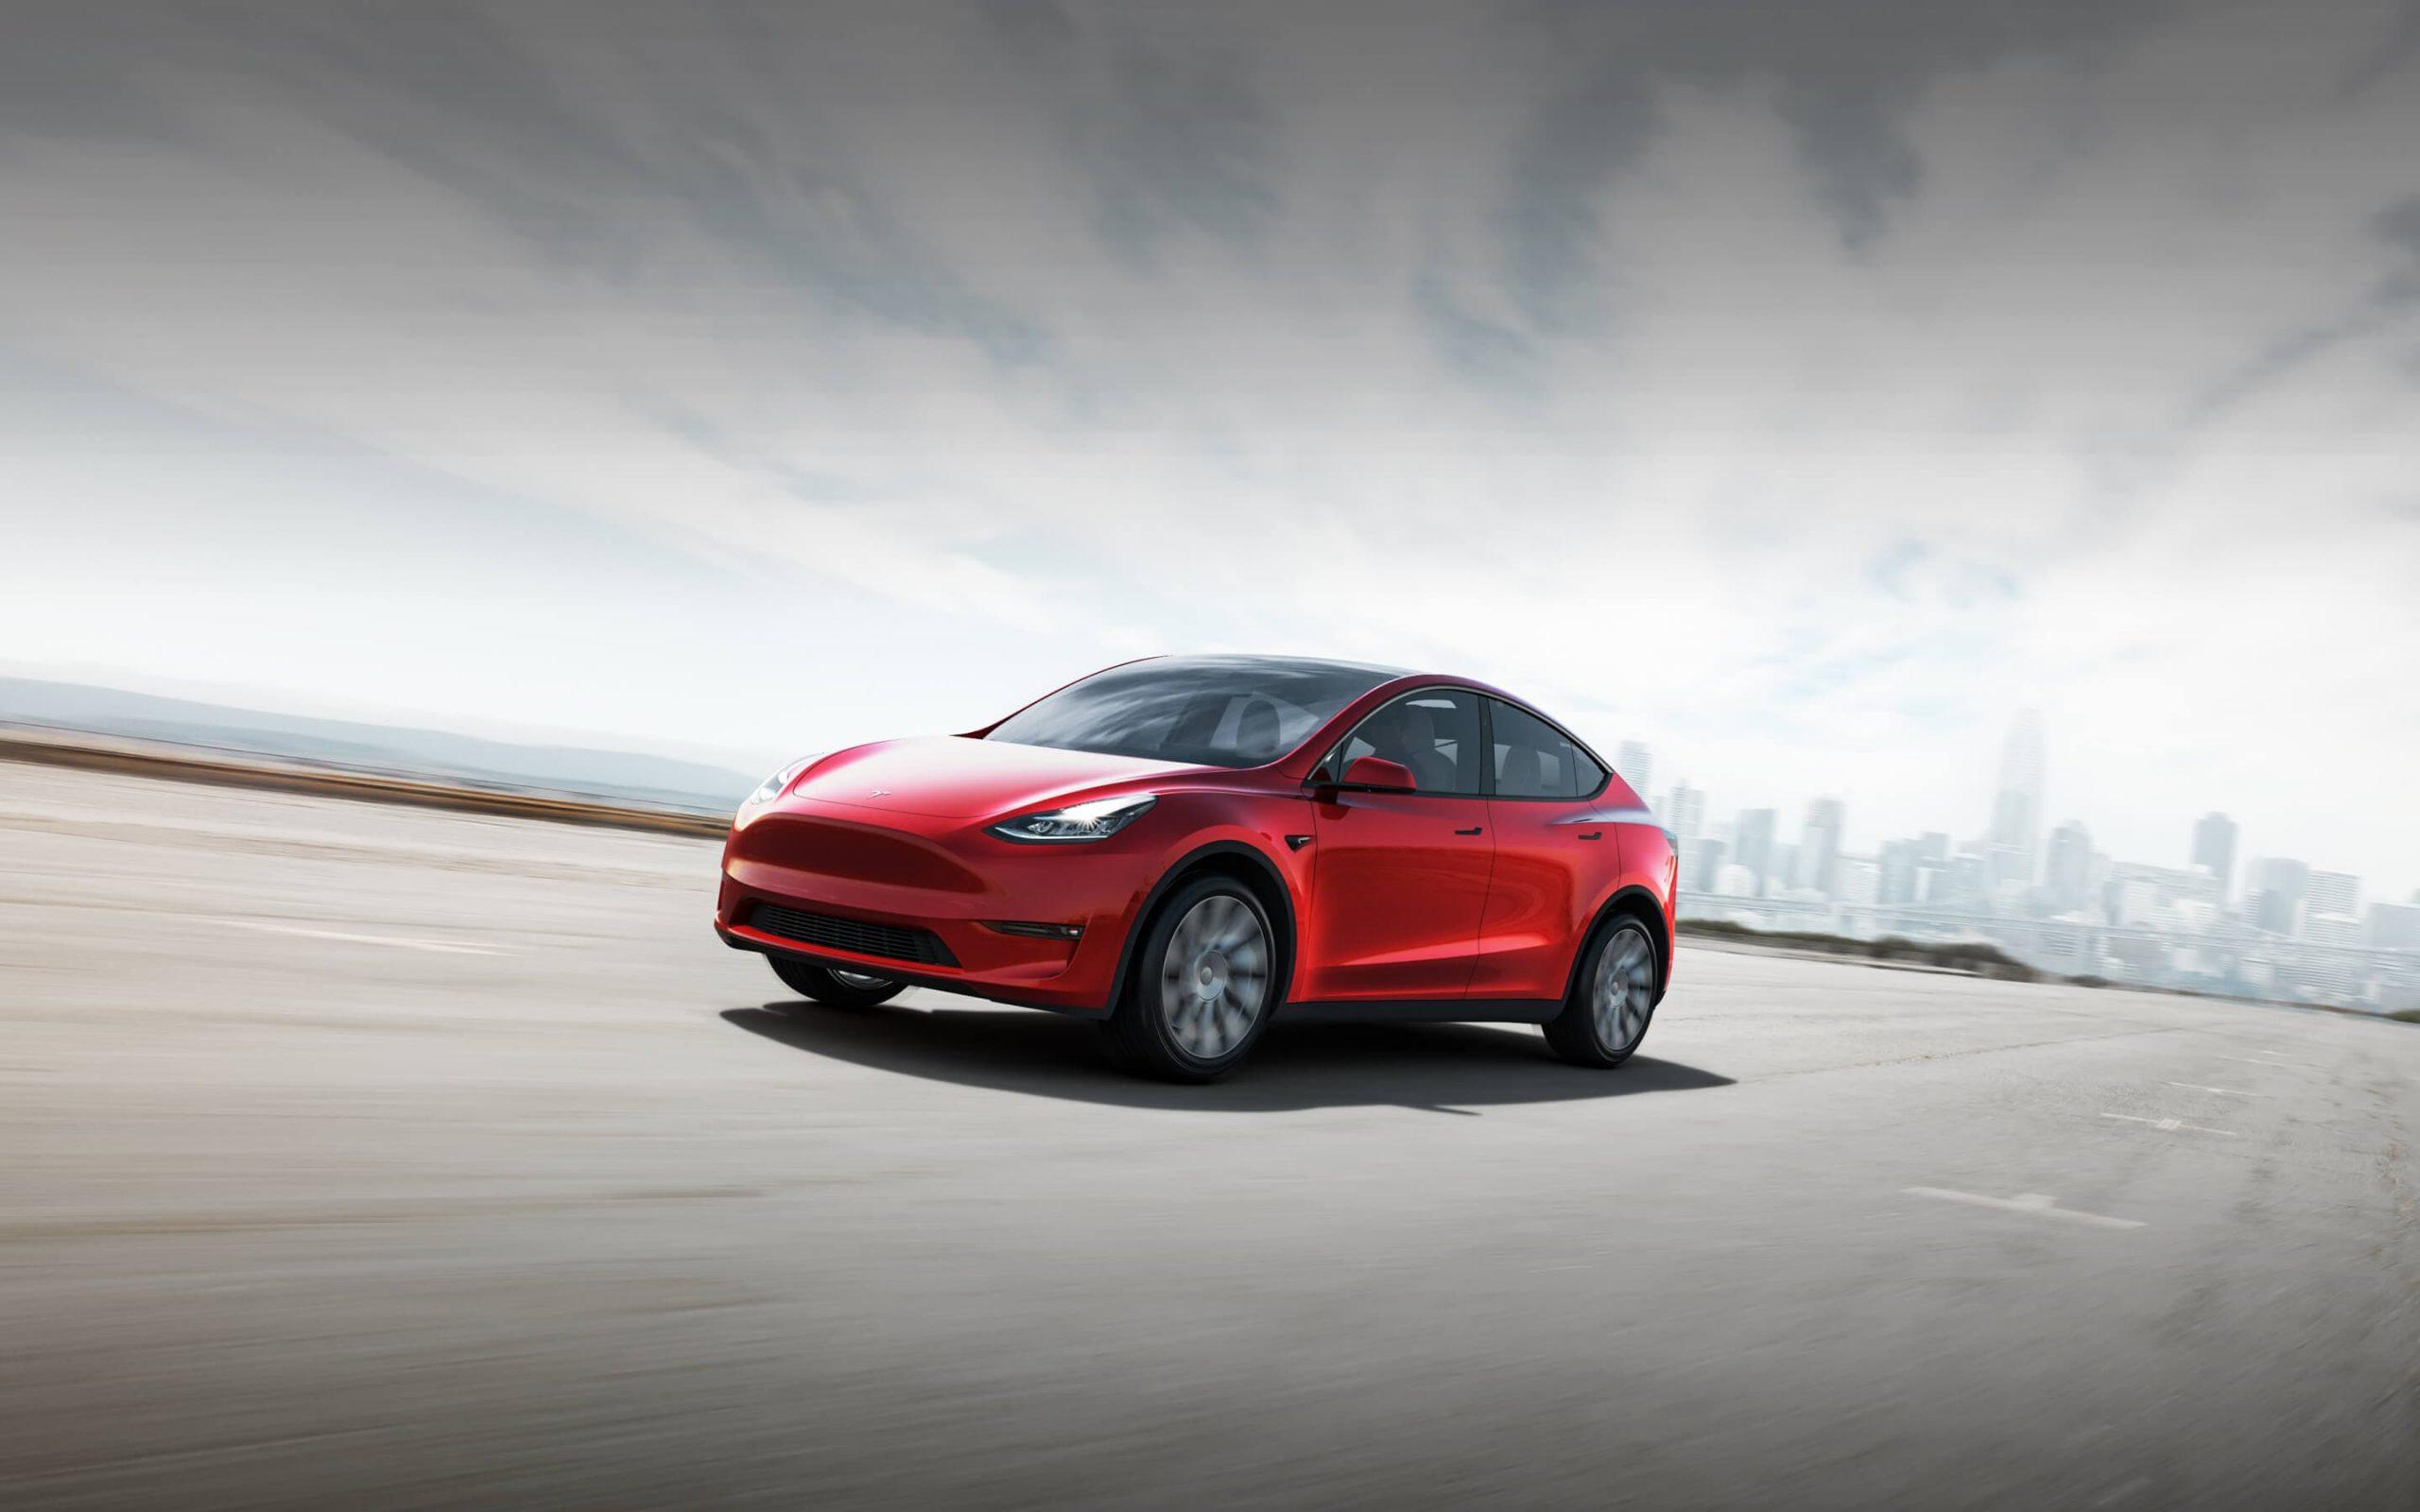 L'impressionnante ascension de la firme américaine Tesla